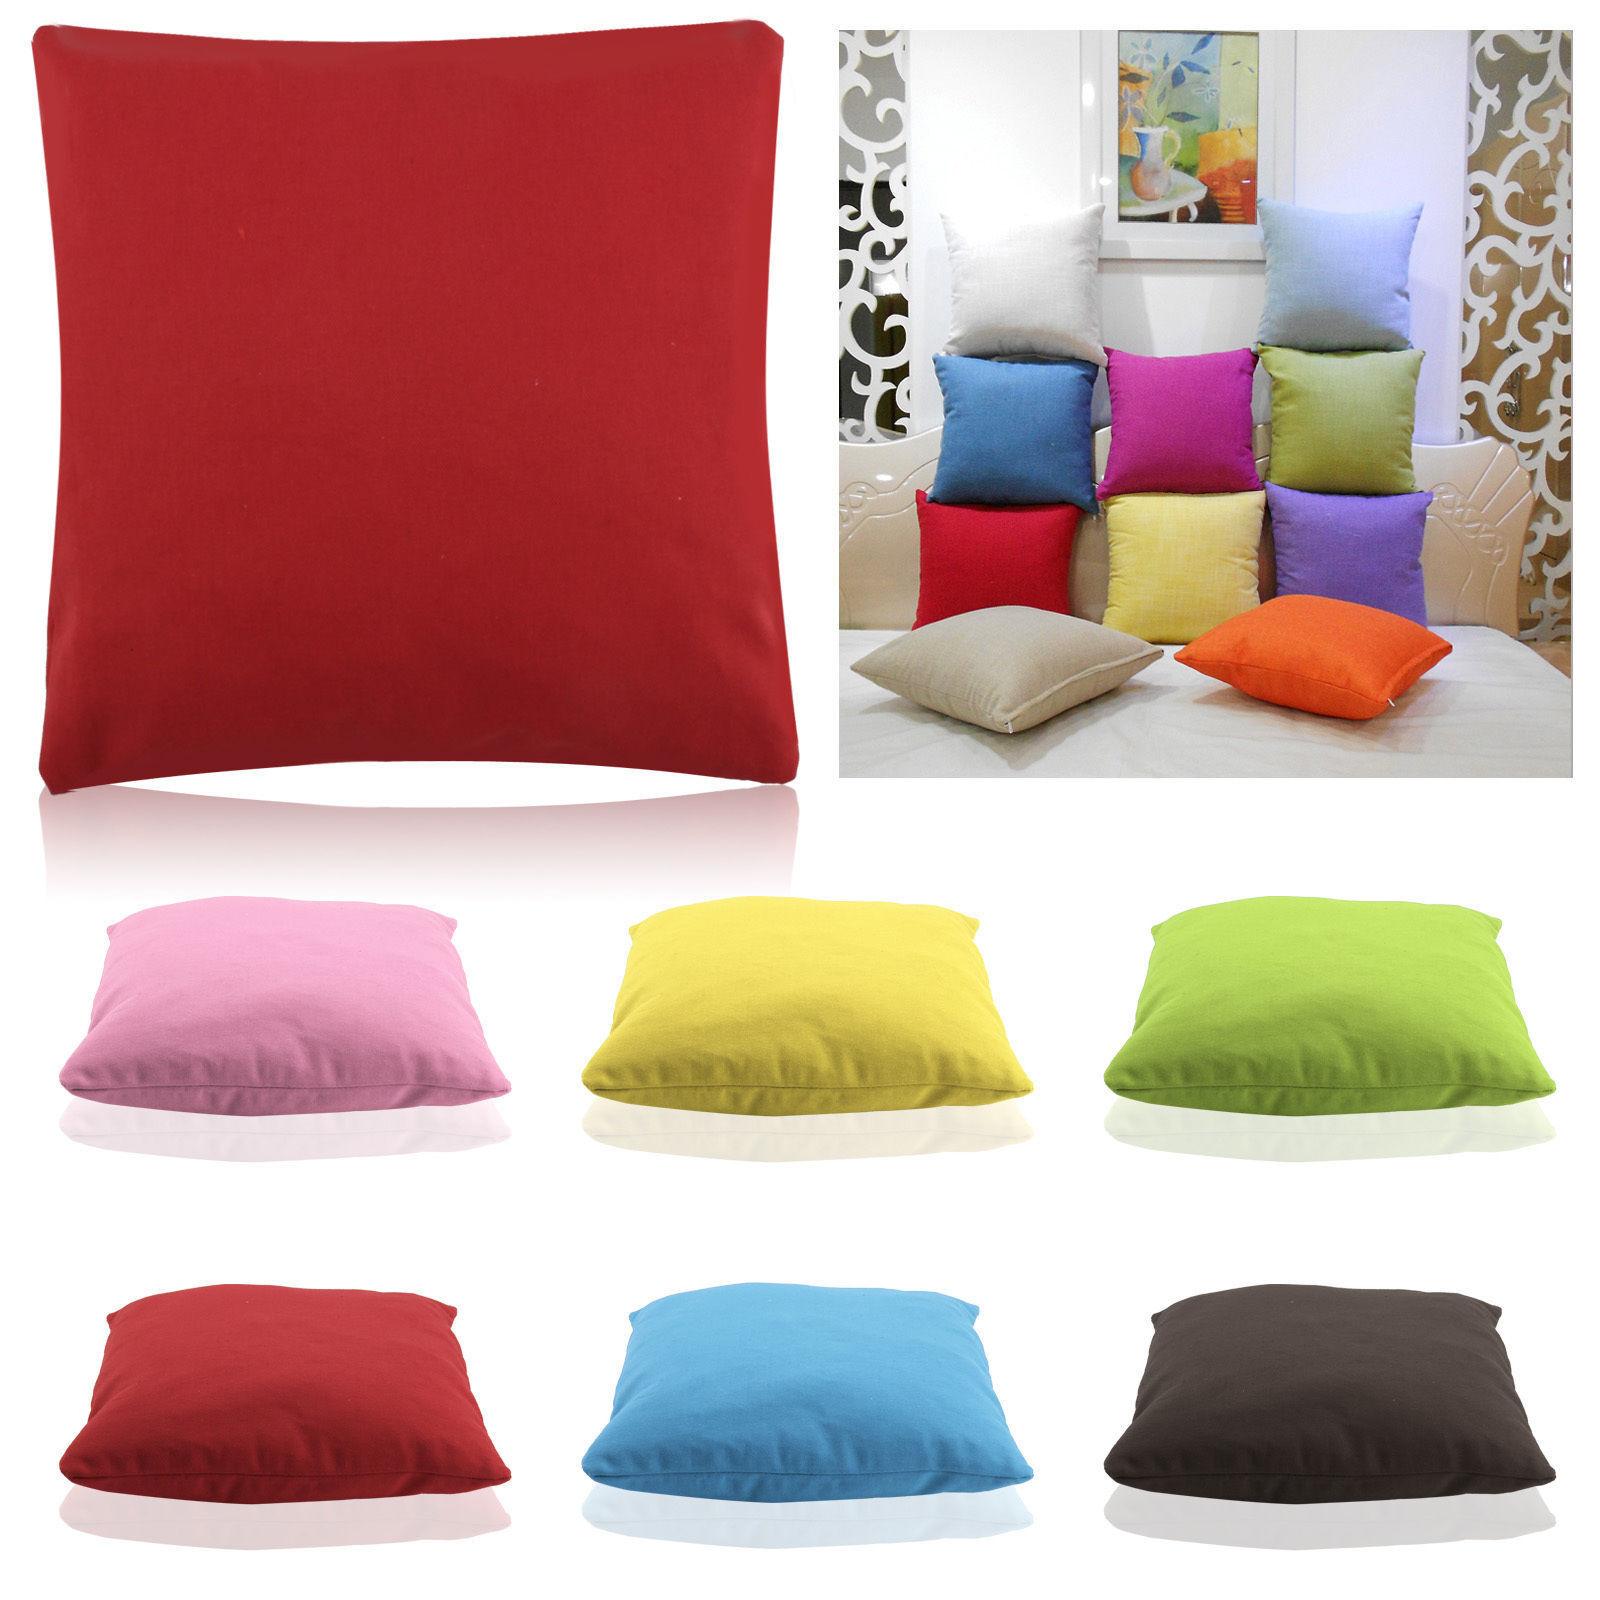 Sofa Pillow Cover Case Cushion Cover Home Decor Waist Cushion